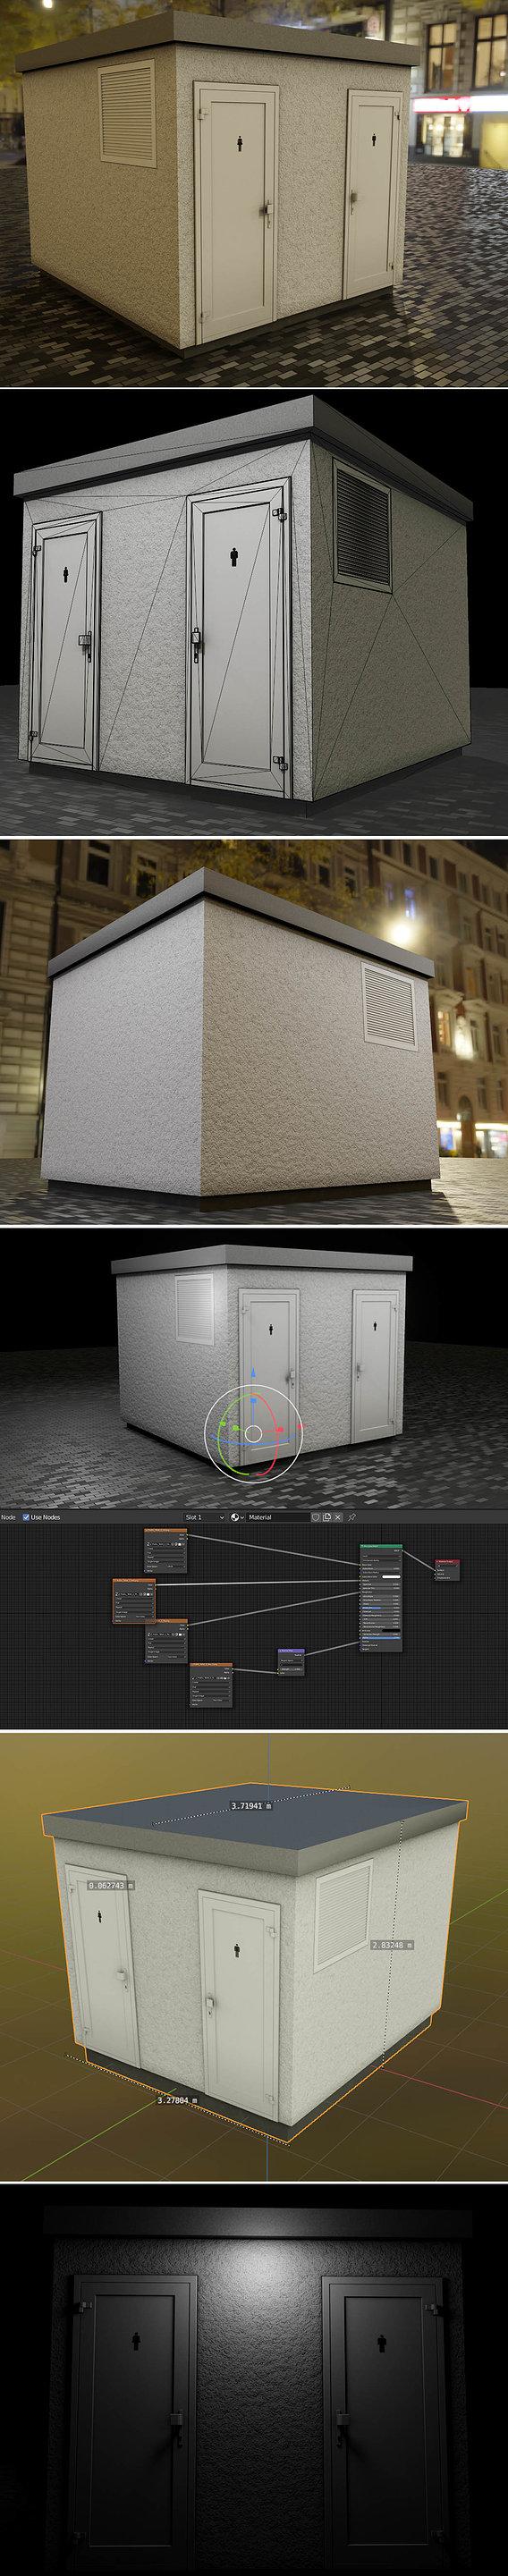 Low-Poly Public Toilet 2 (Blender-2.91 Eevee)